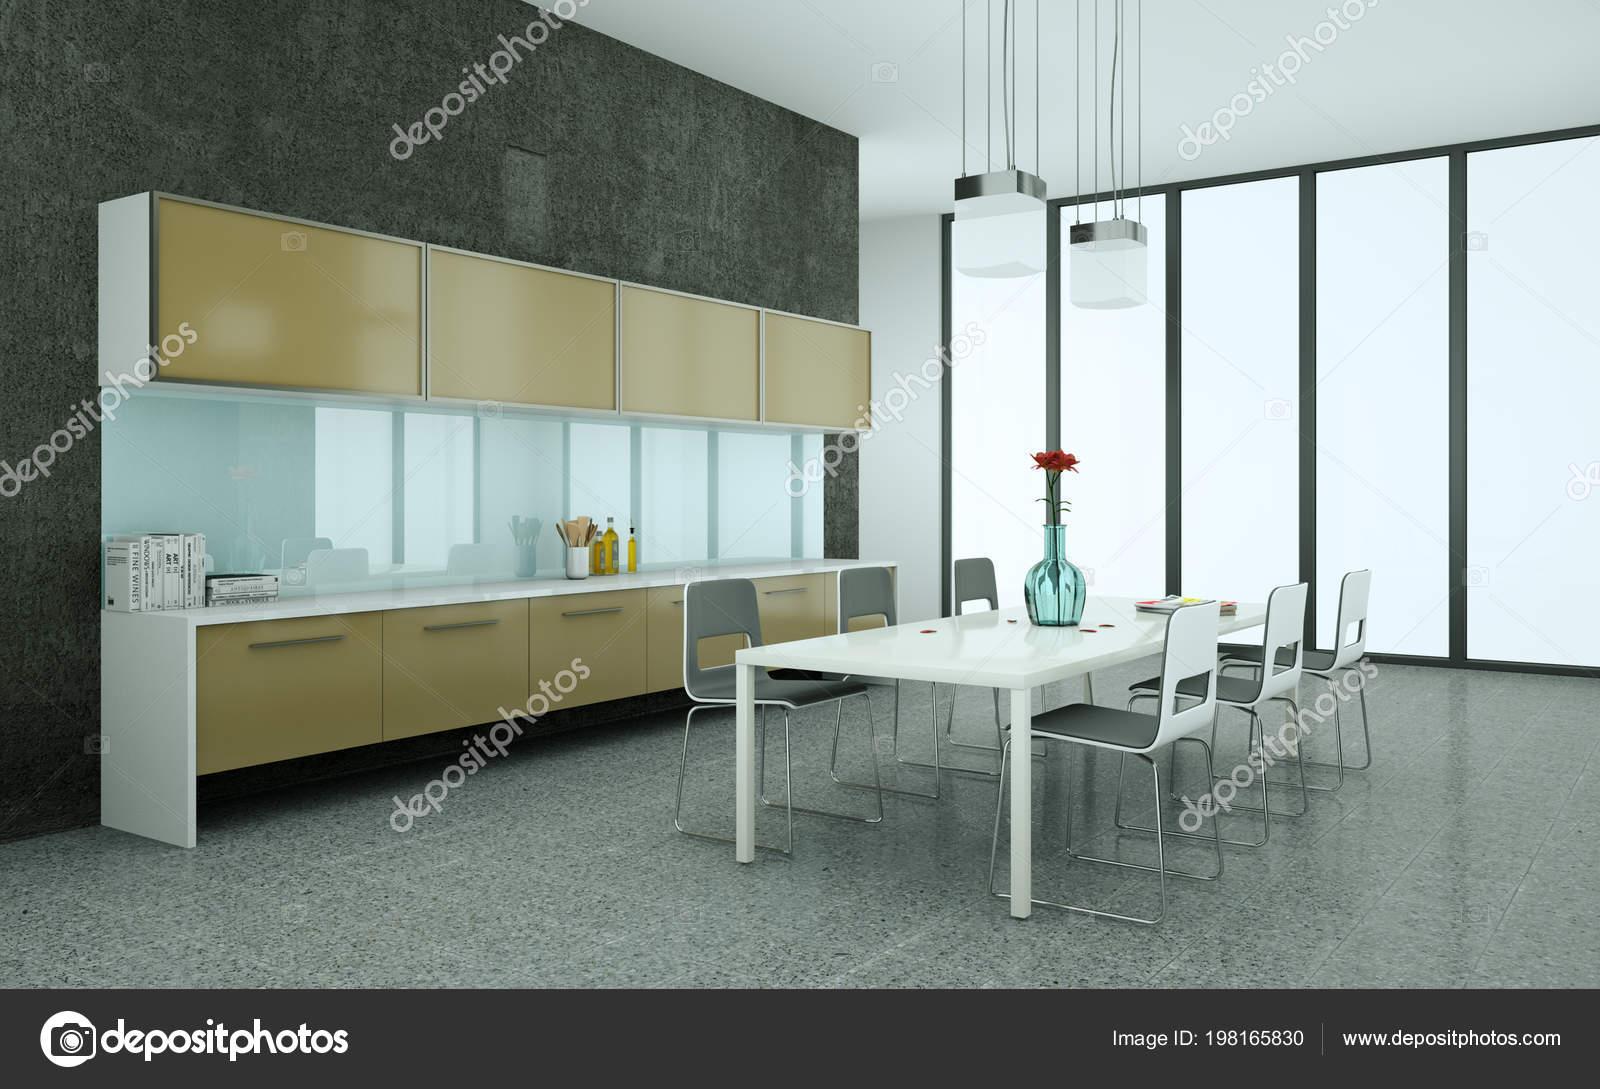 Braune Moderne Kuche In Einem Haus Mit Einem Schonen Design